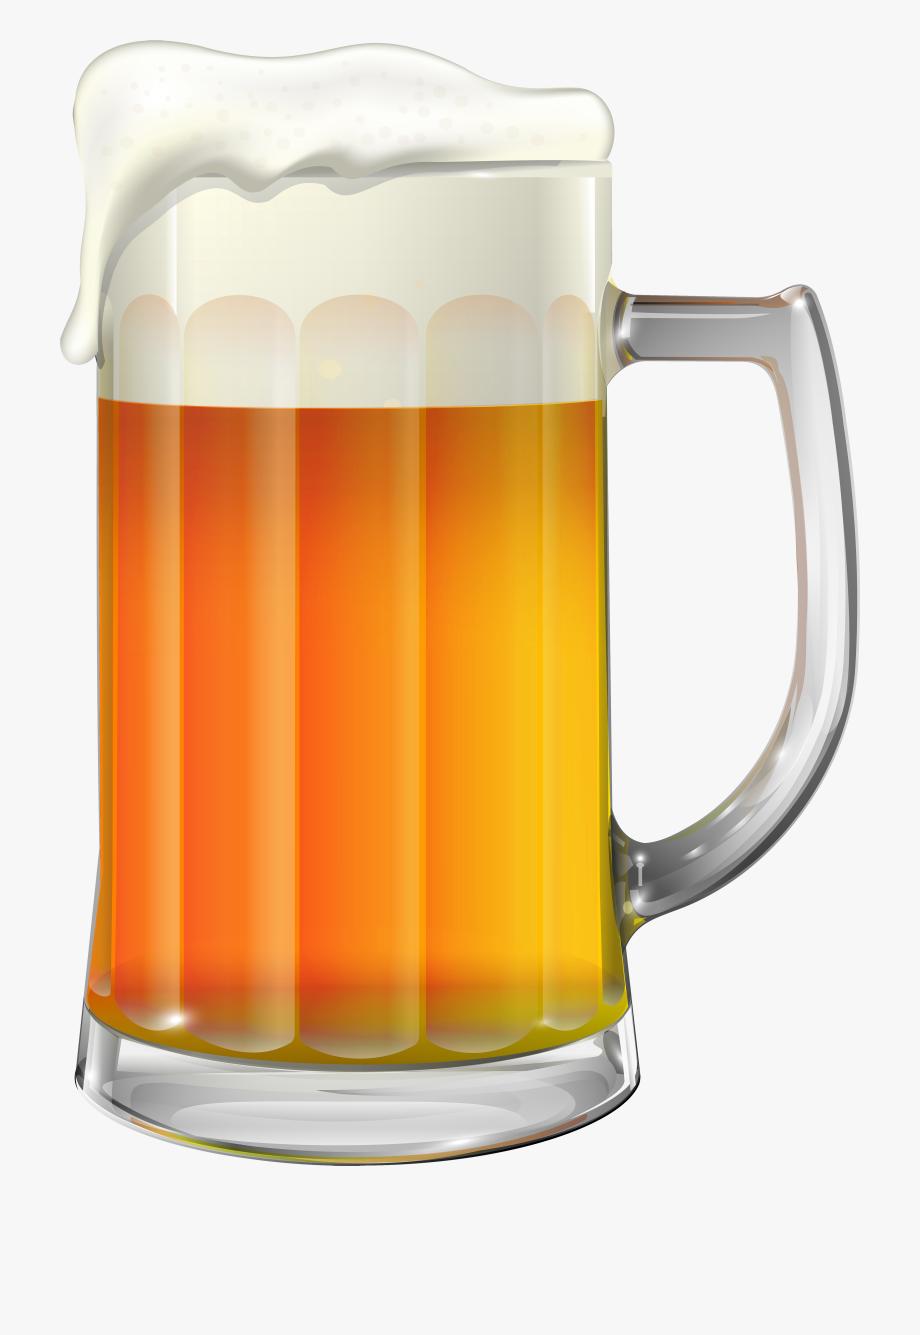 Mug clipart glass mug. Transparent clip art image